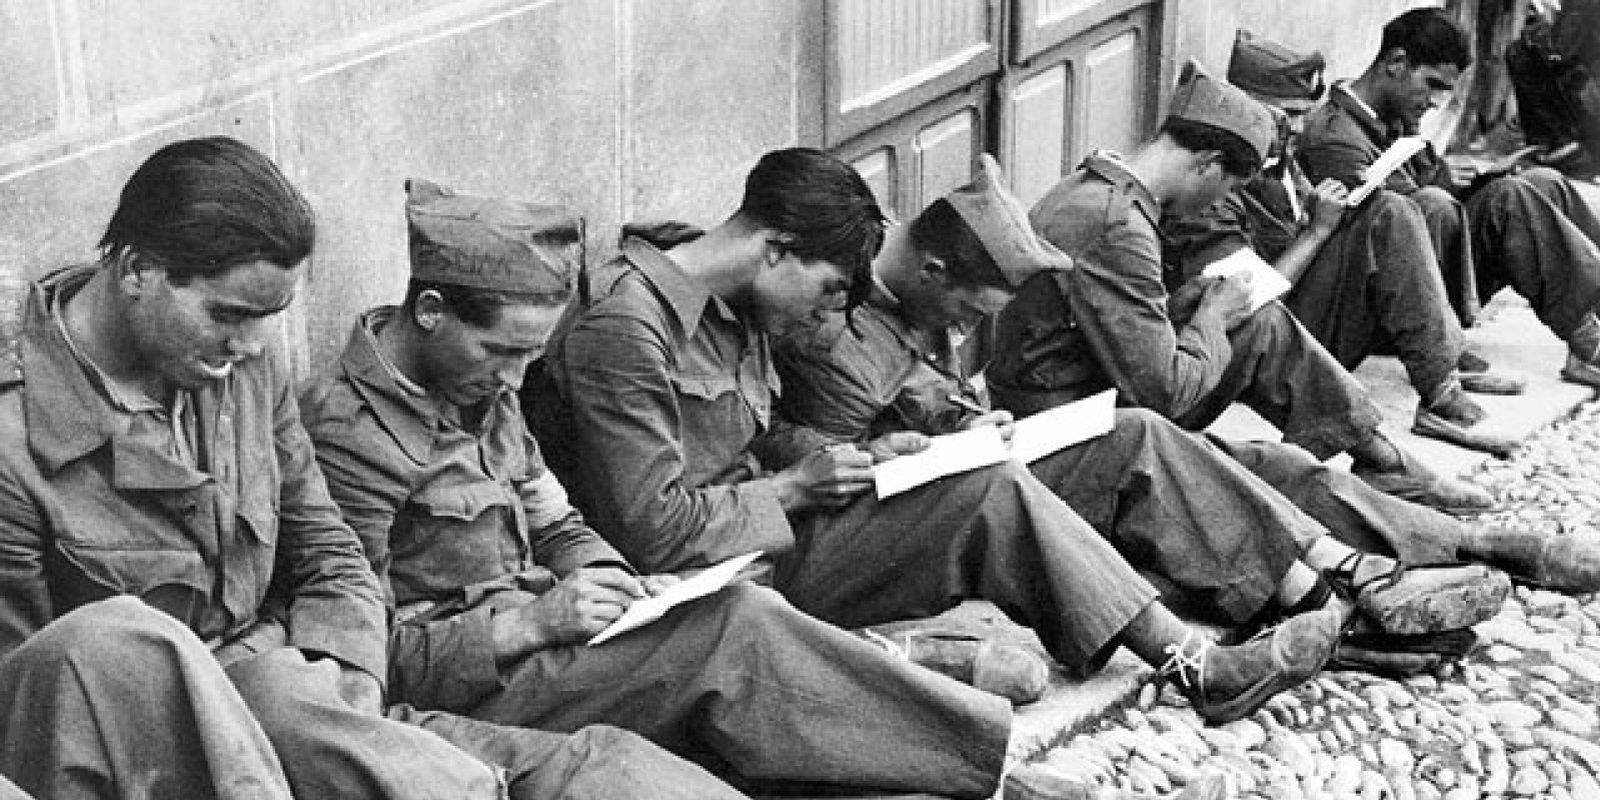 El Fomento De La Lectura Una Batalla Perdida: La Guerra Civil Se Pierde En La Traducción